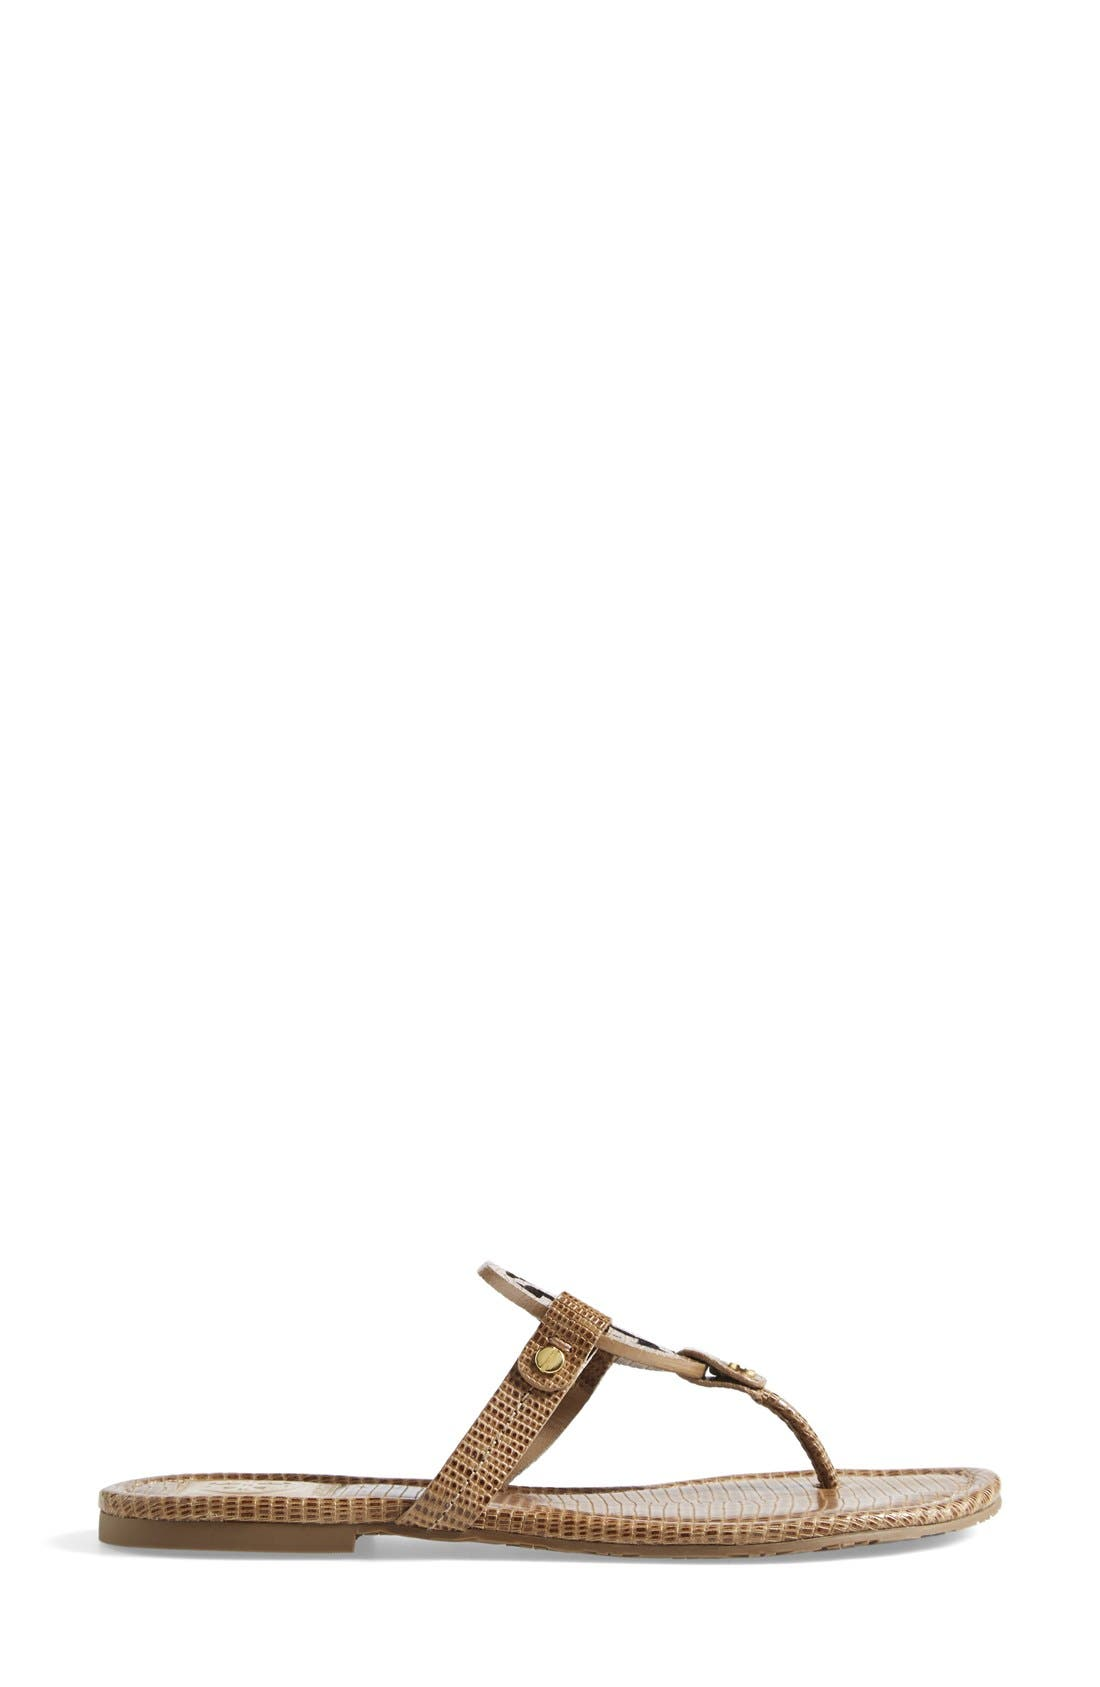 Alternate Image 3  - Tory Burch 'Miller' Sandal